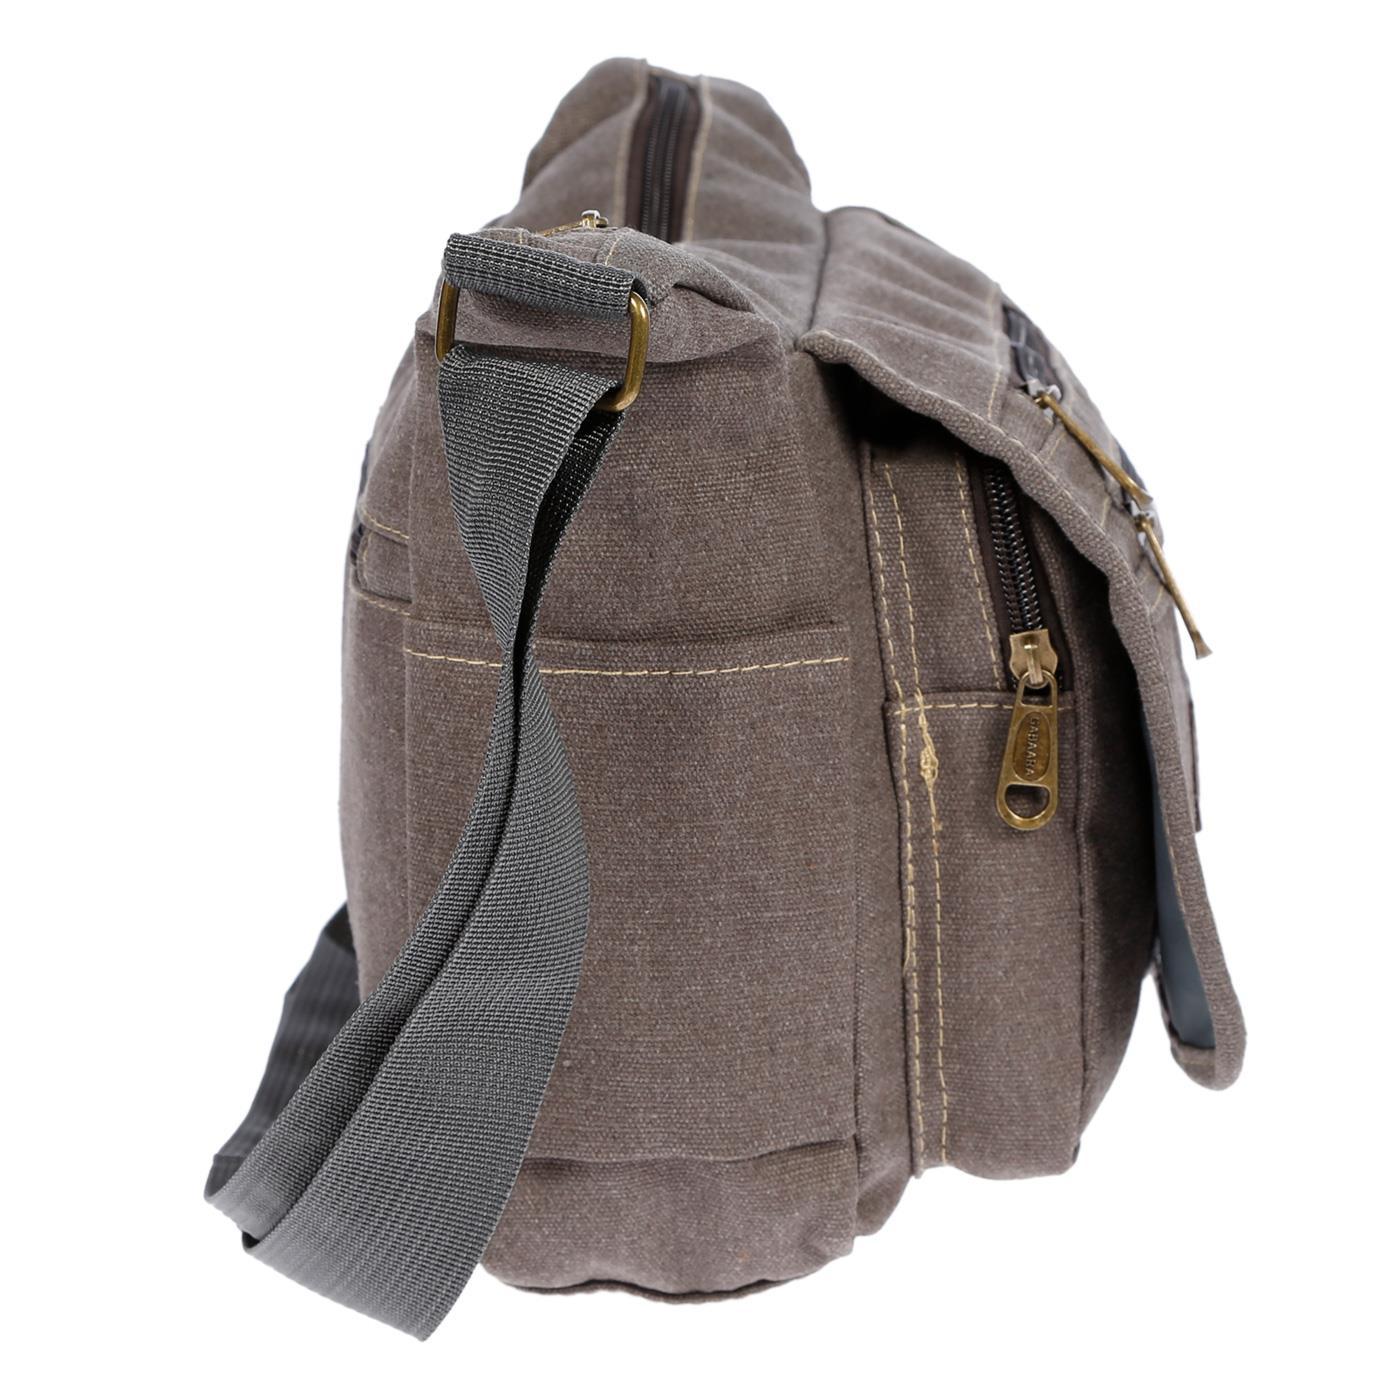 Damen-Tasche-Canvas-Umhaengetasche-Schultertasche-Crossover-Bag-Damenhandtasche Indexbild 33